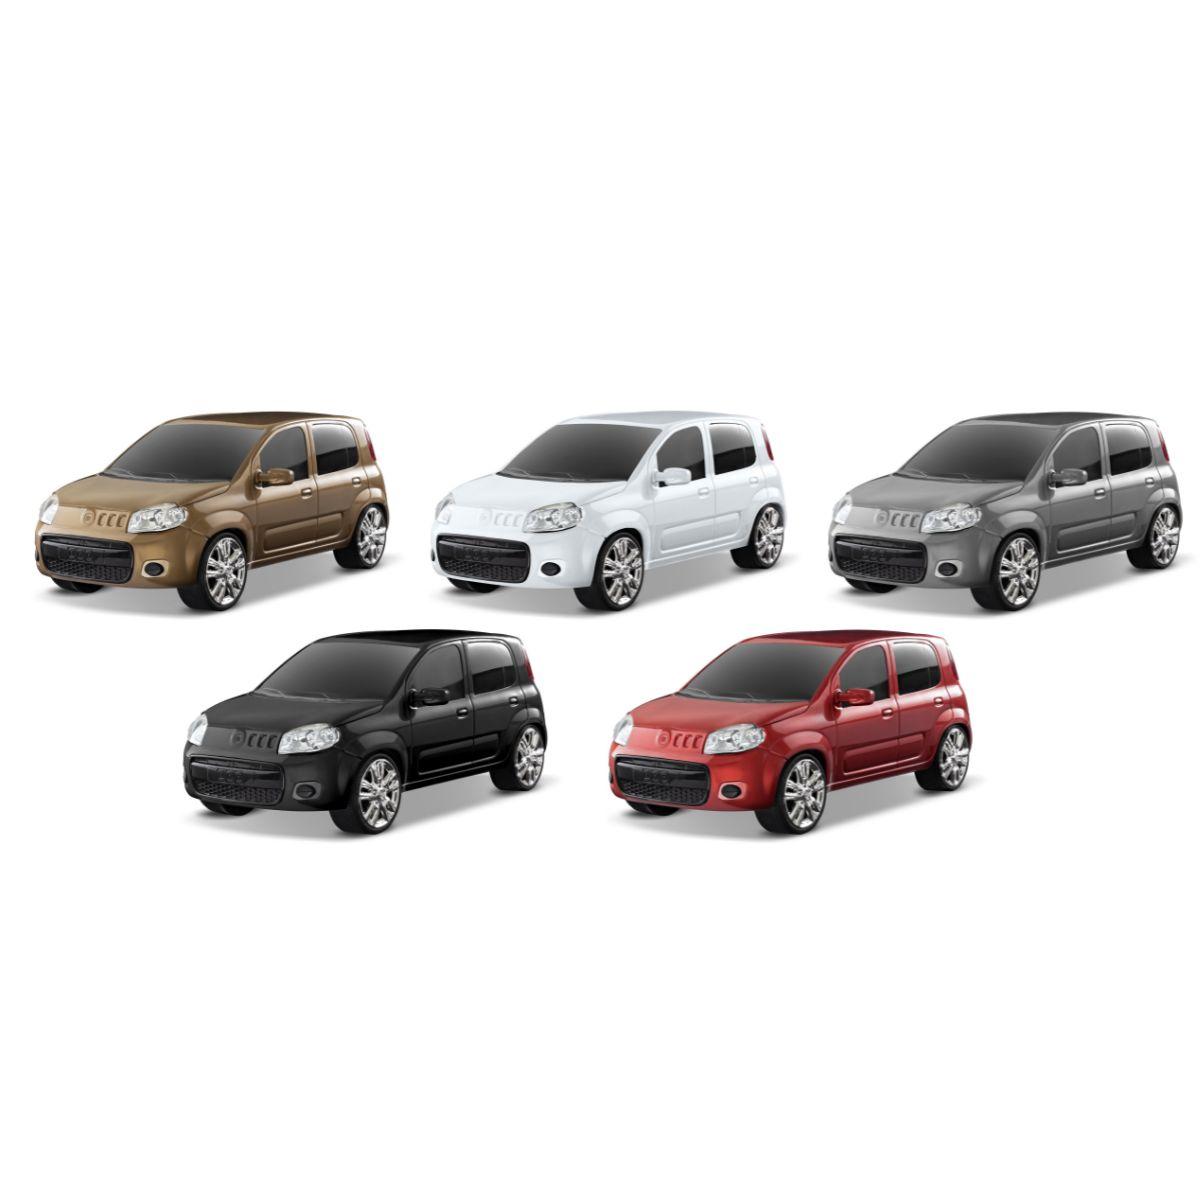 Carro de brinquedo Fiat Uno Attractive Variadas Cores